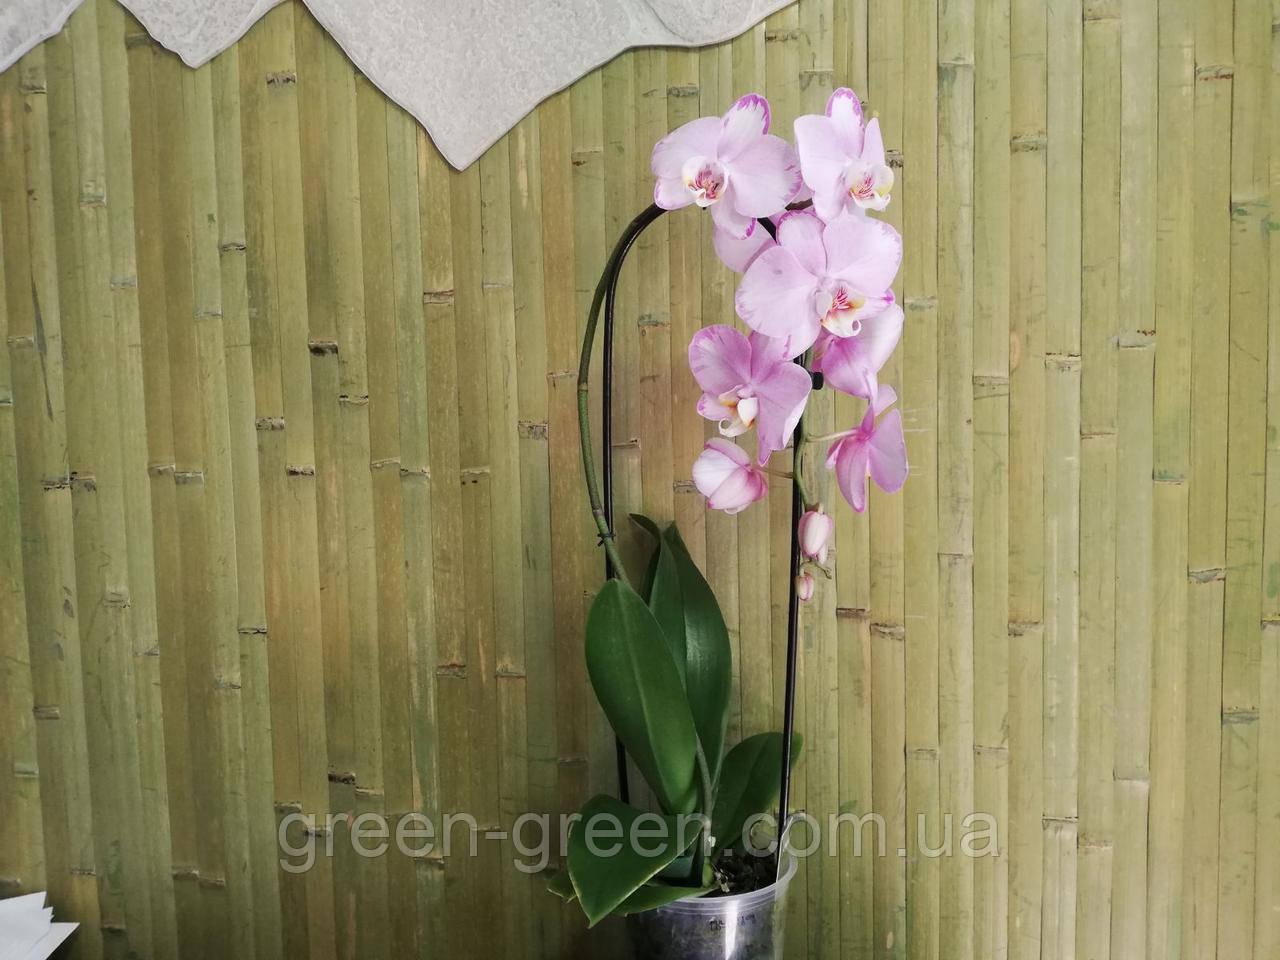 Орхидея Фаленопсис Каскад розовая(Cascade)